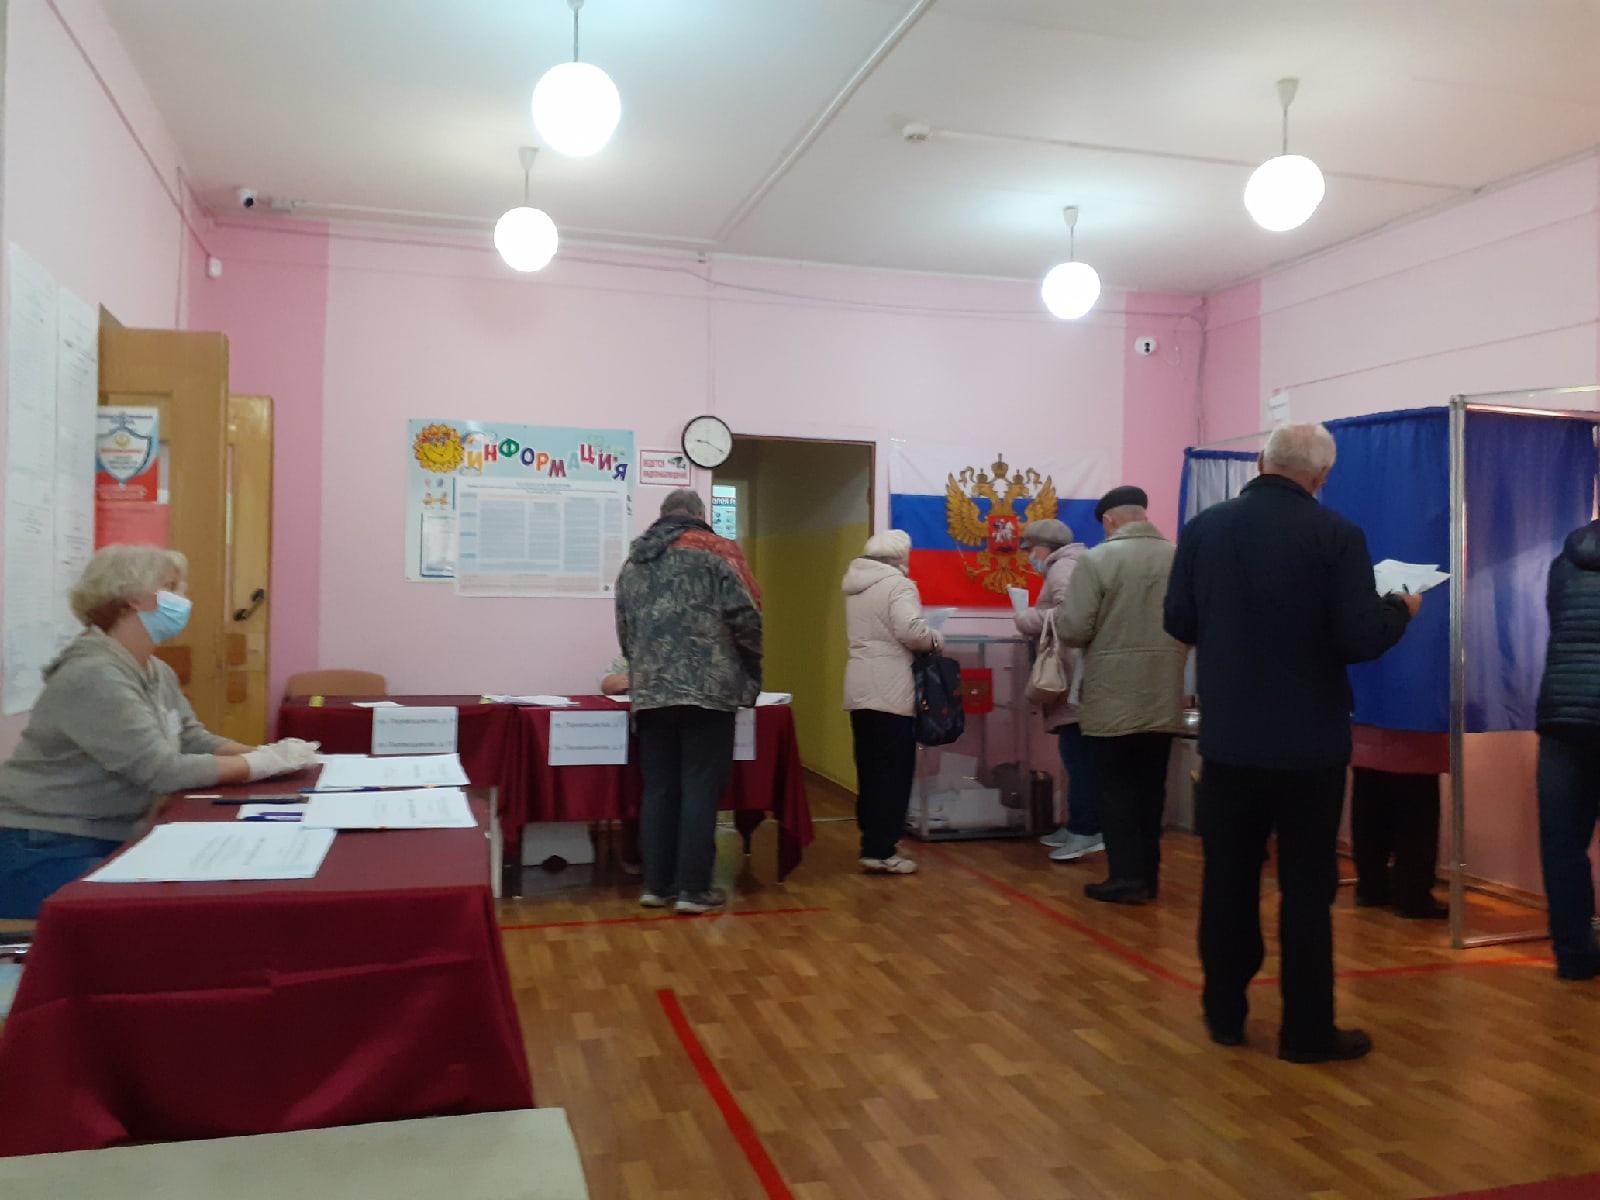 Кирово-Чепецкая городская избирательная комиссия подвела окончательные итоги выборов 17-19 сентября